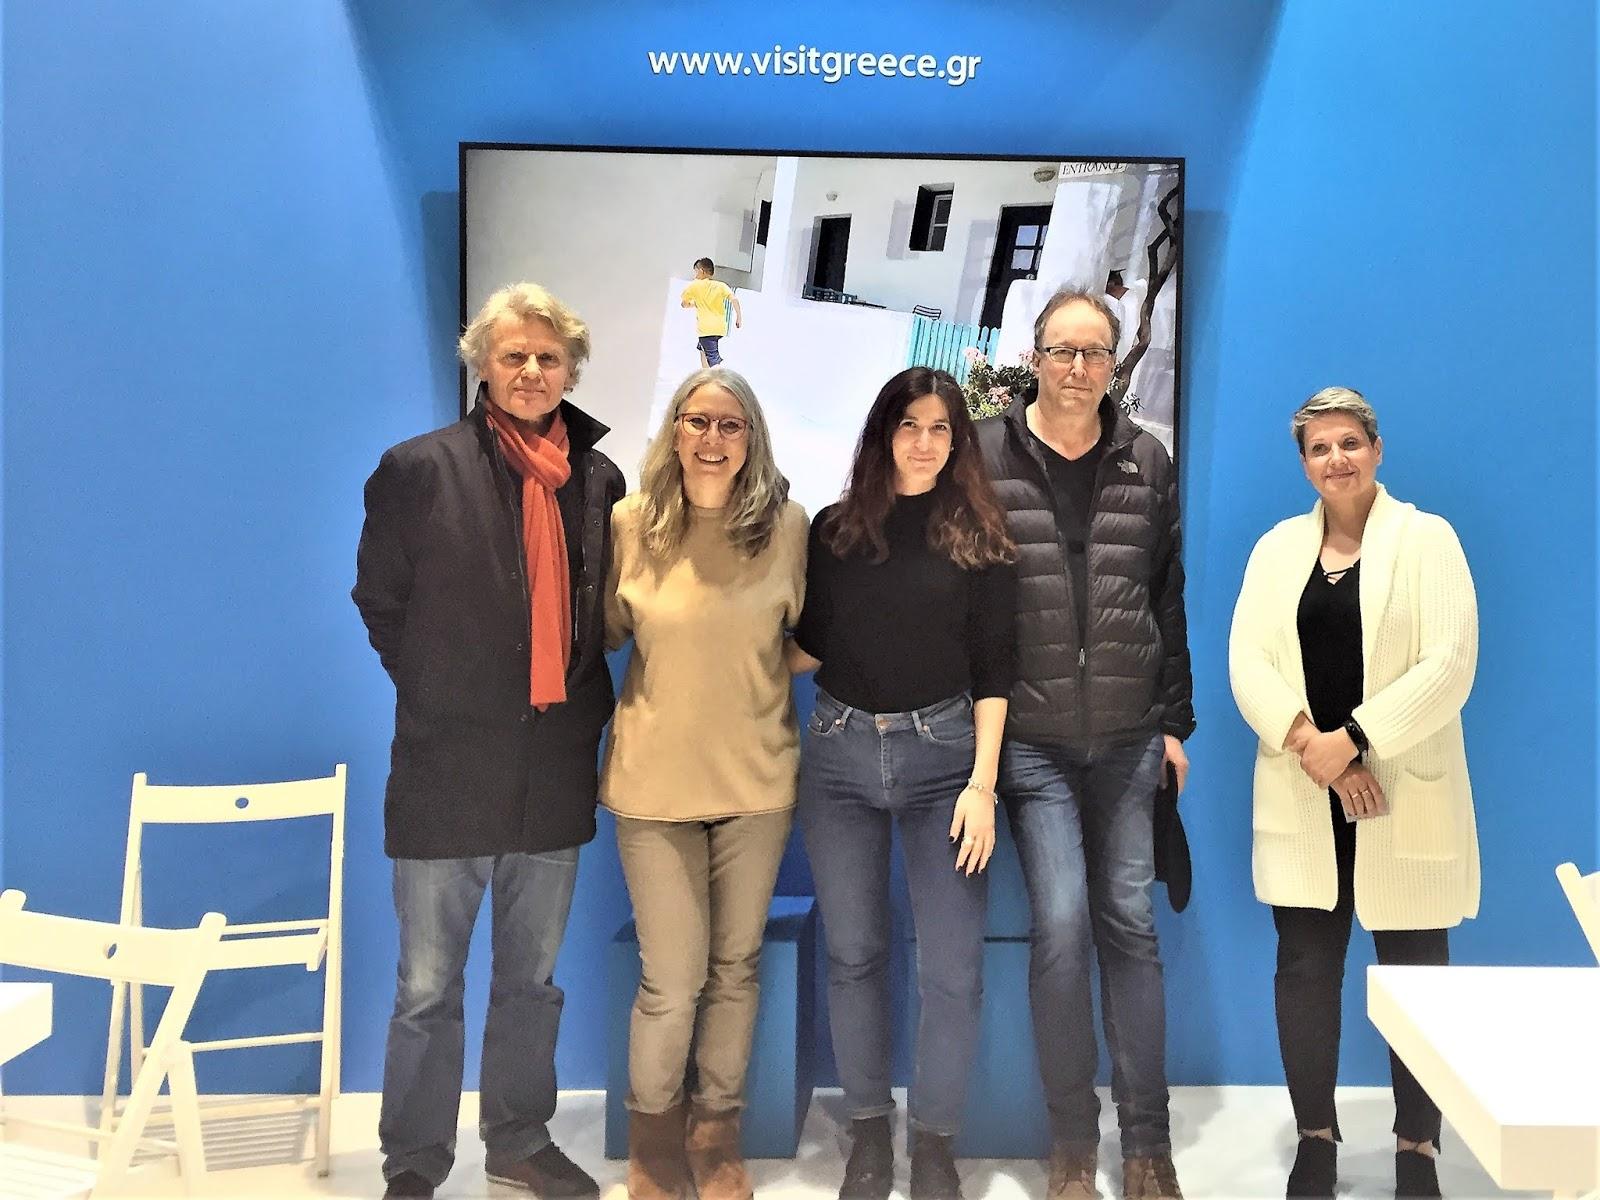 Από τα μακεδονικά μονοπάτια μέχρι την Ουτρέχτη…, «μια ιστορία δρόμος»!  Πρόγραμμα B2B επαγγελματικών συναντήσεων κατά τη διάρκεια της διεθνούς τουριστικής έκθεσης Fiets en Wanderbeurs